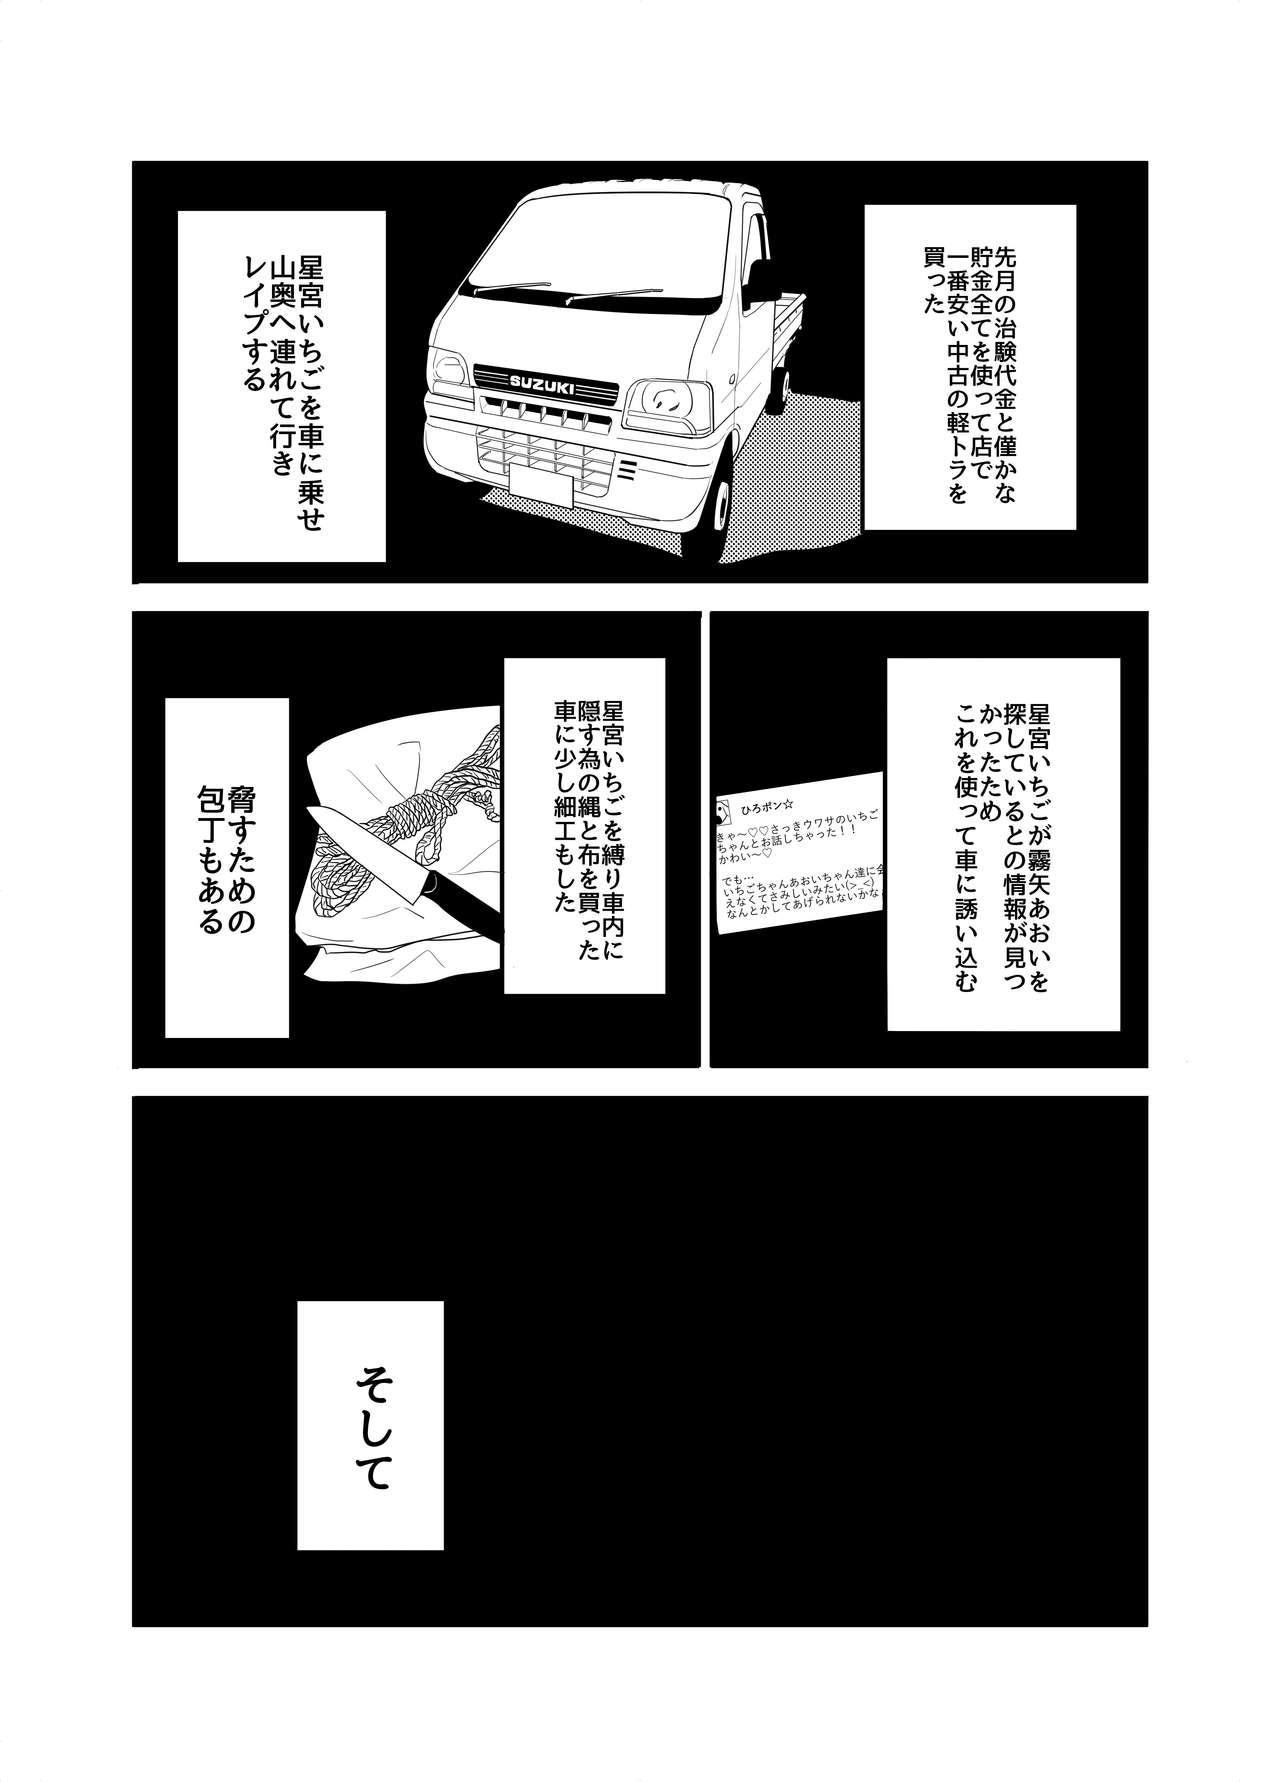 Hoshimiya Ichigo o Goukan Shite Boku wa Hoshi ni Naru. 32